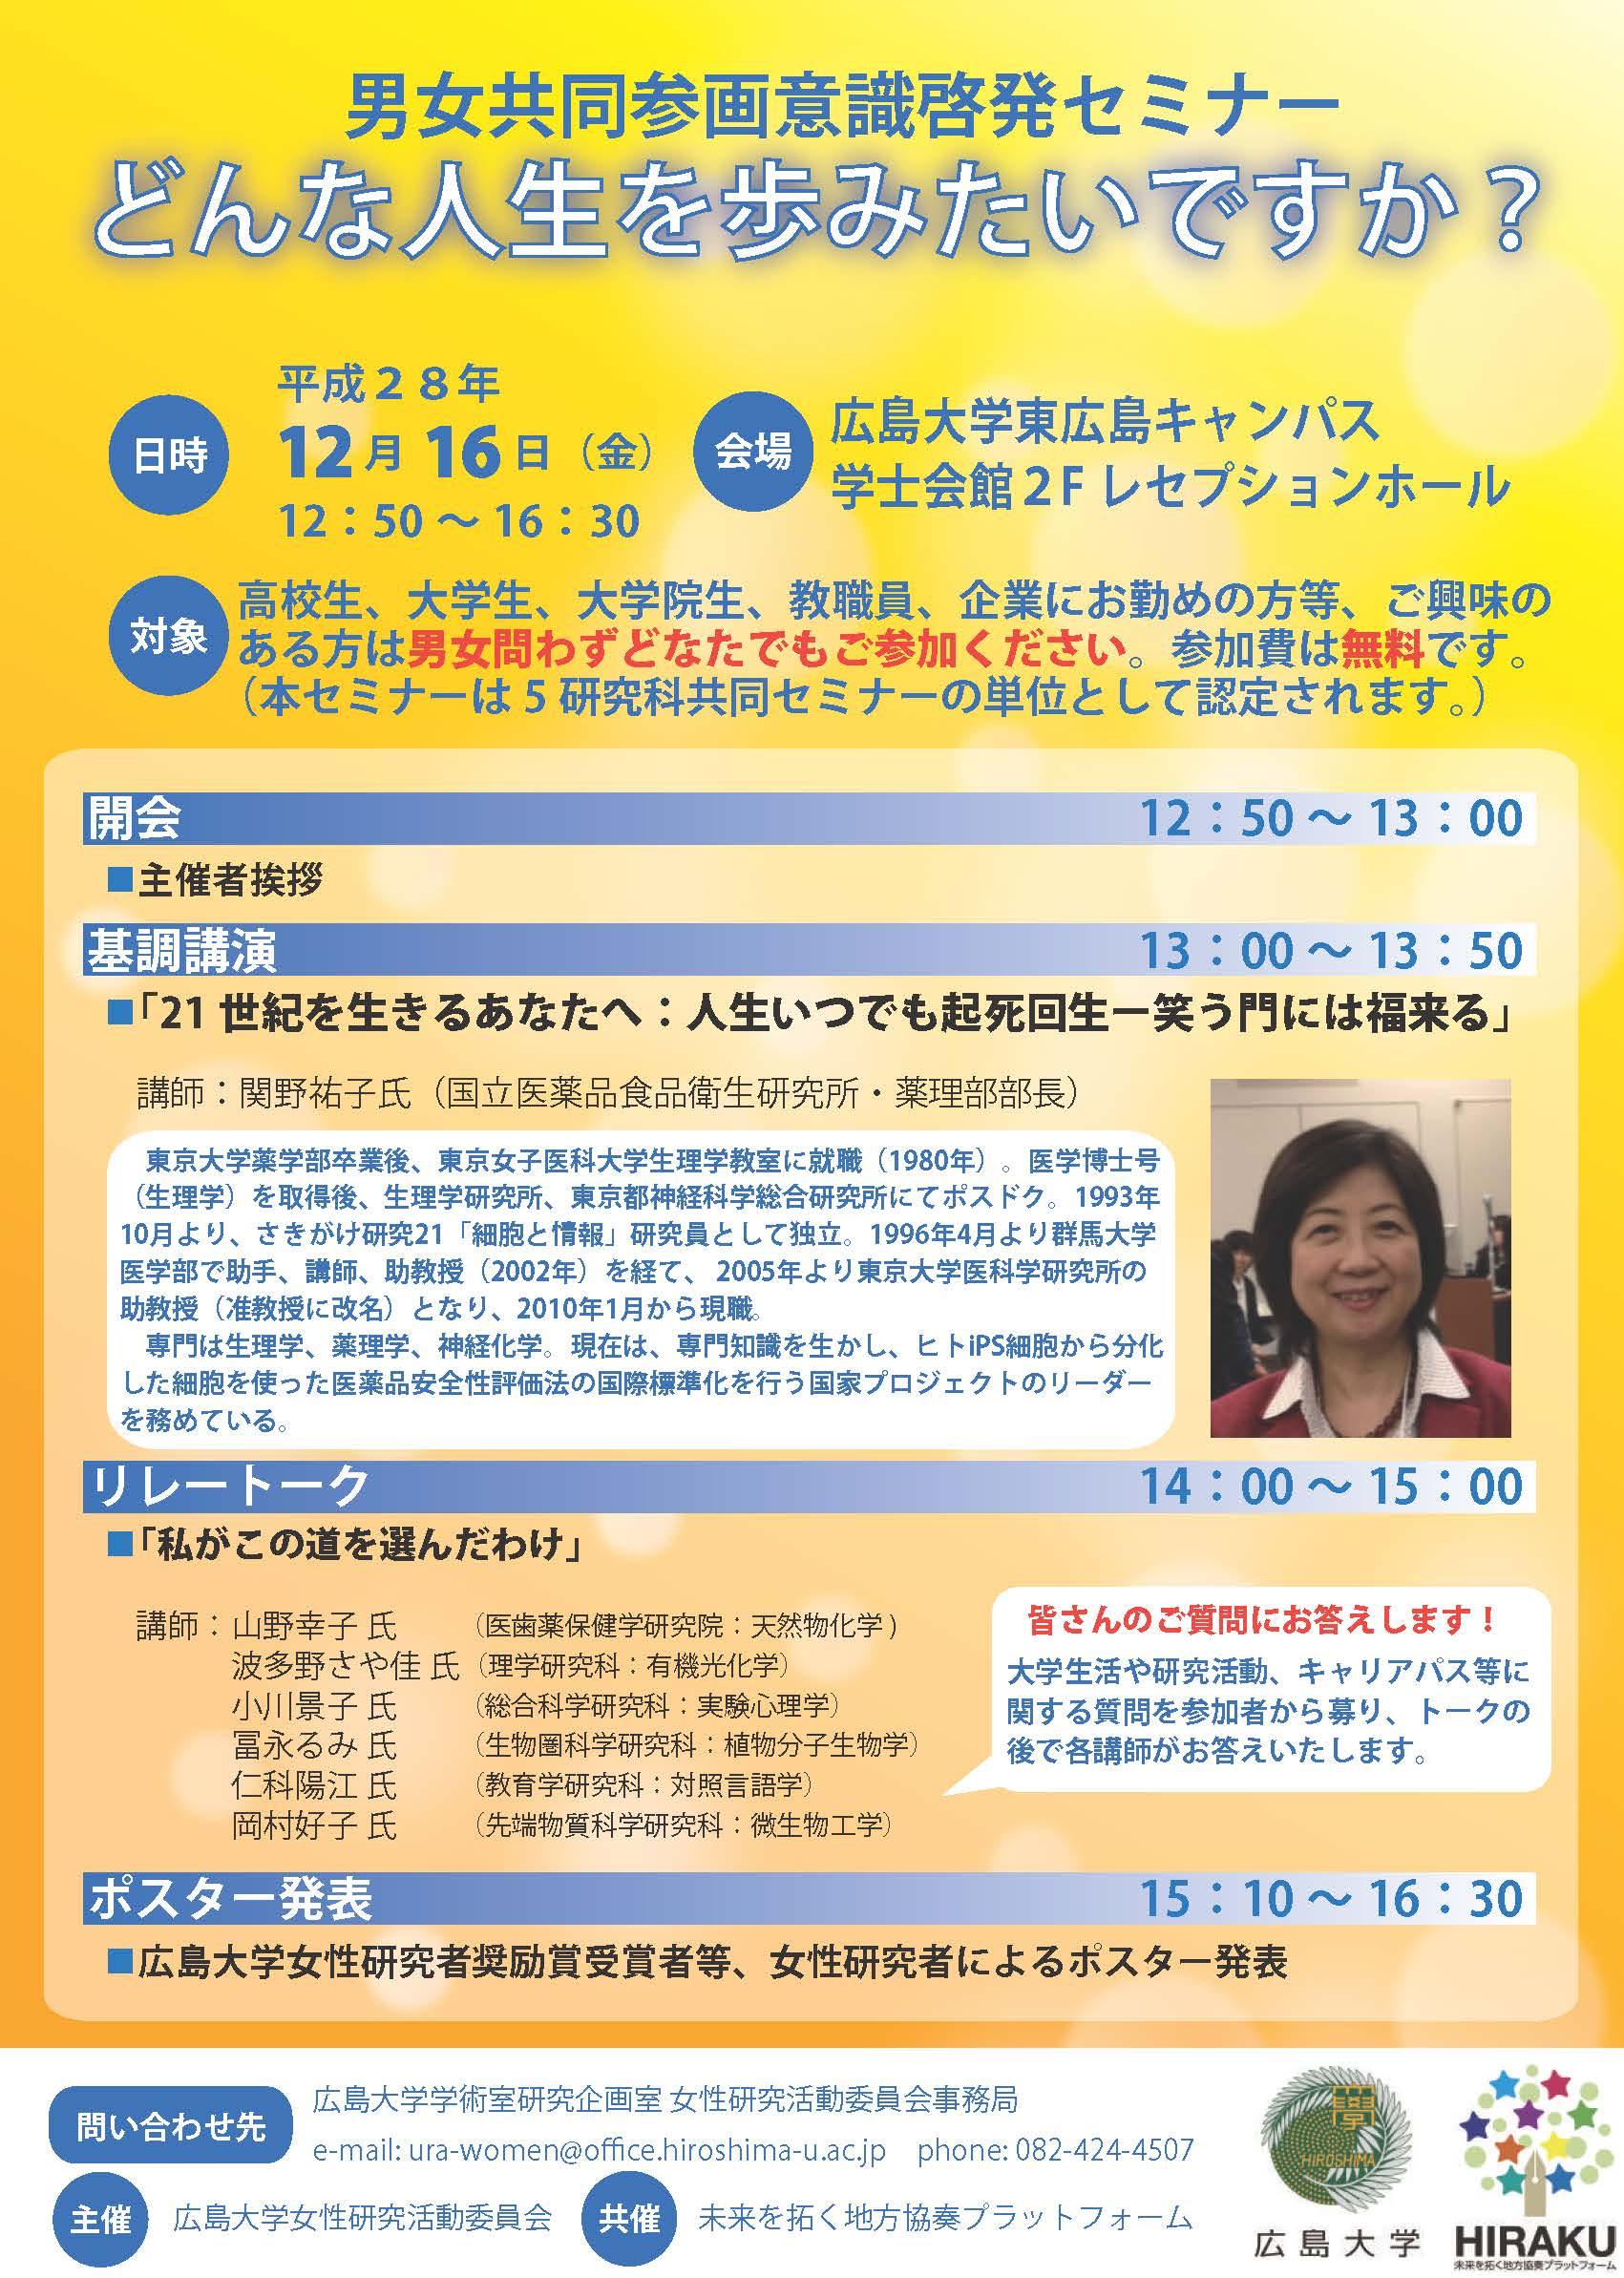 男女共同参画意識啓発セミナー(共催:未来を拓く地方協奏プラットフォーム)ポスター